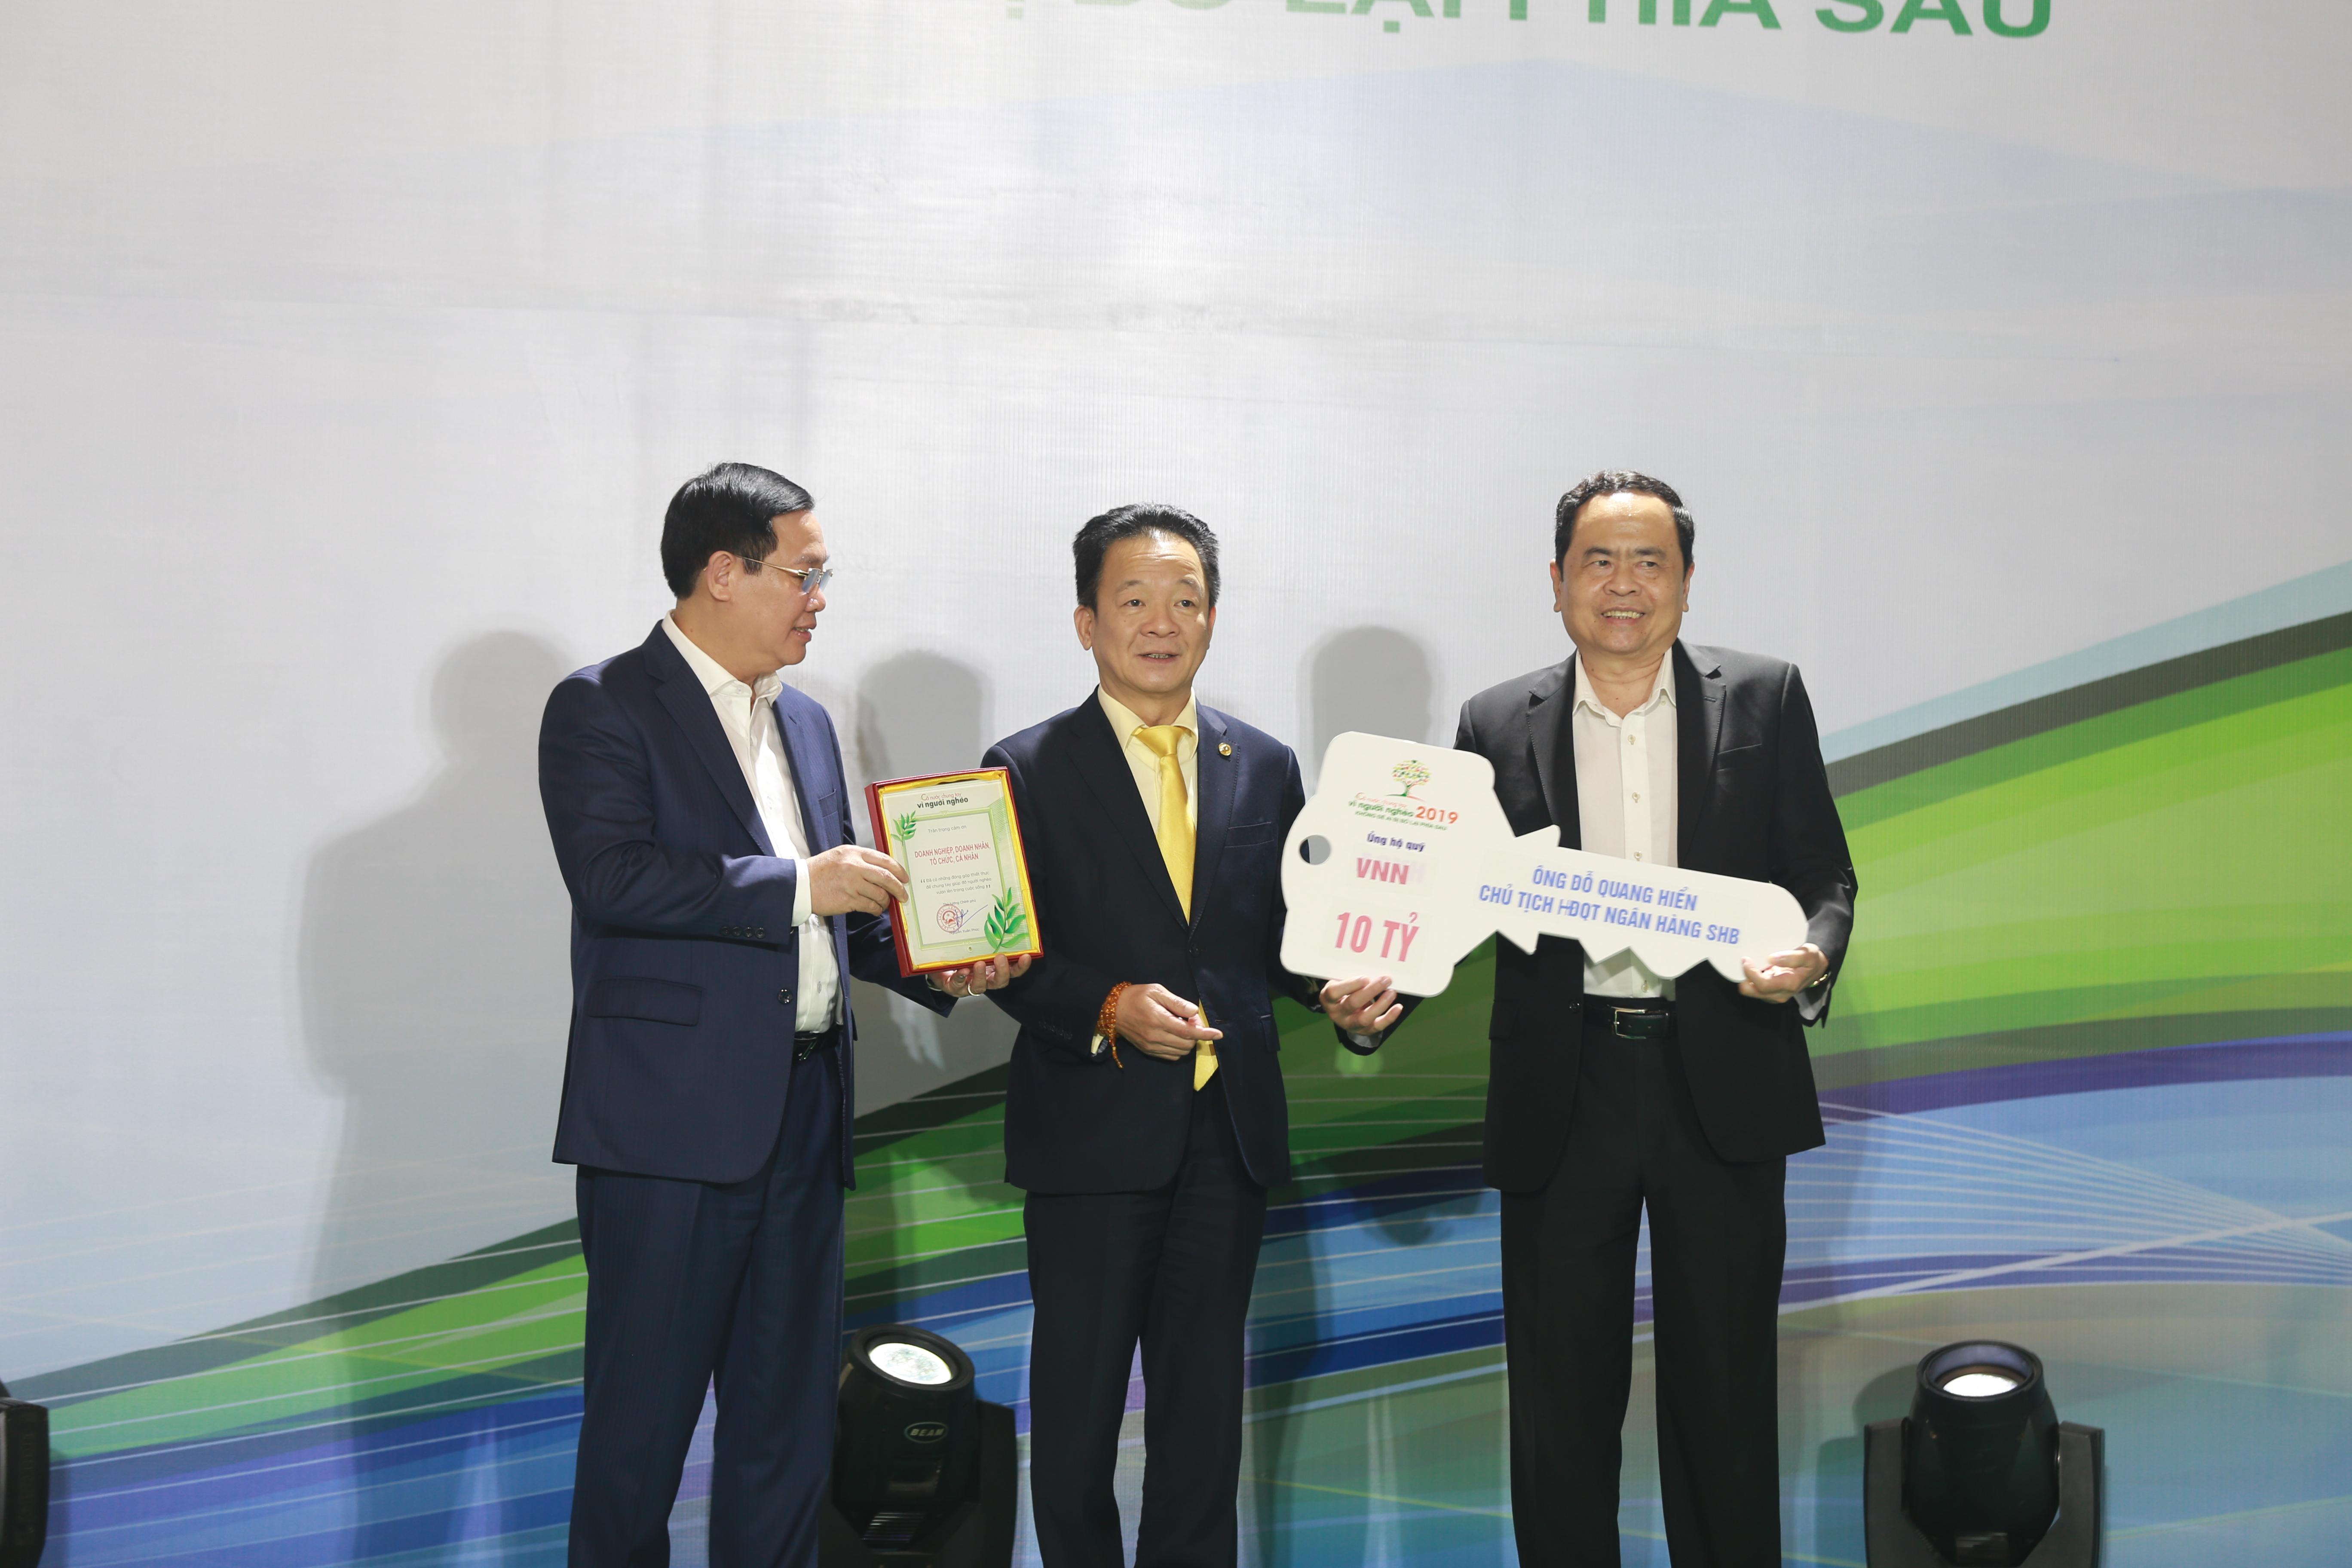 Cha con Bầu Hiển và CLB Hà Nội trao tặng các bệnh viện 4,5 tỷ đồng, nâng mức ủng hộ phòng chống COVID-19 lên trên 20 tỷ đồng